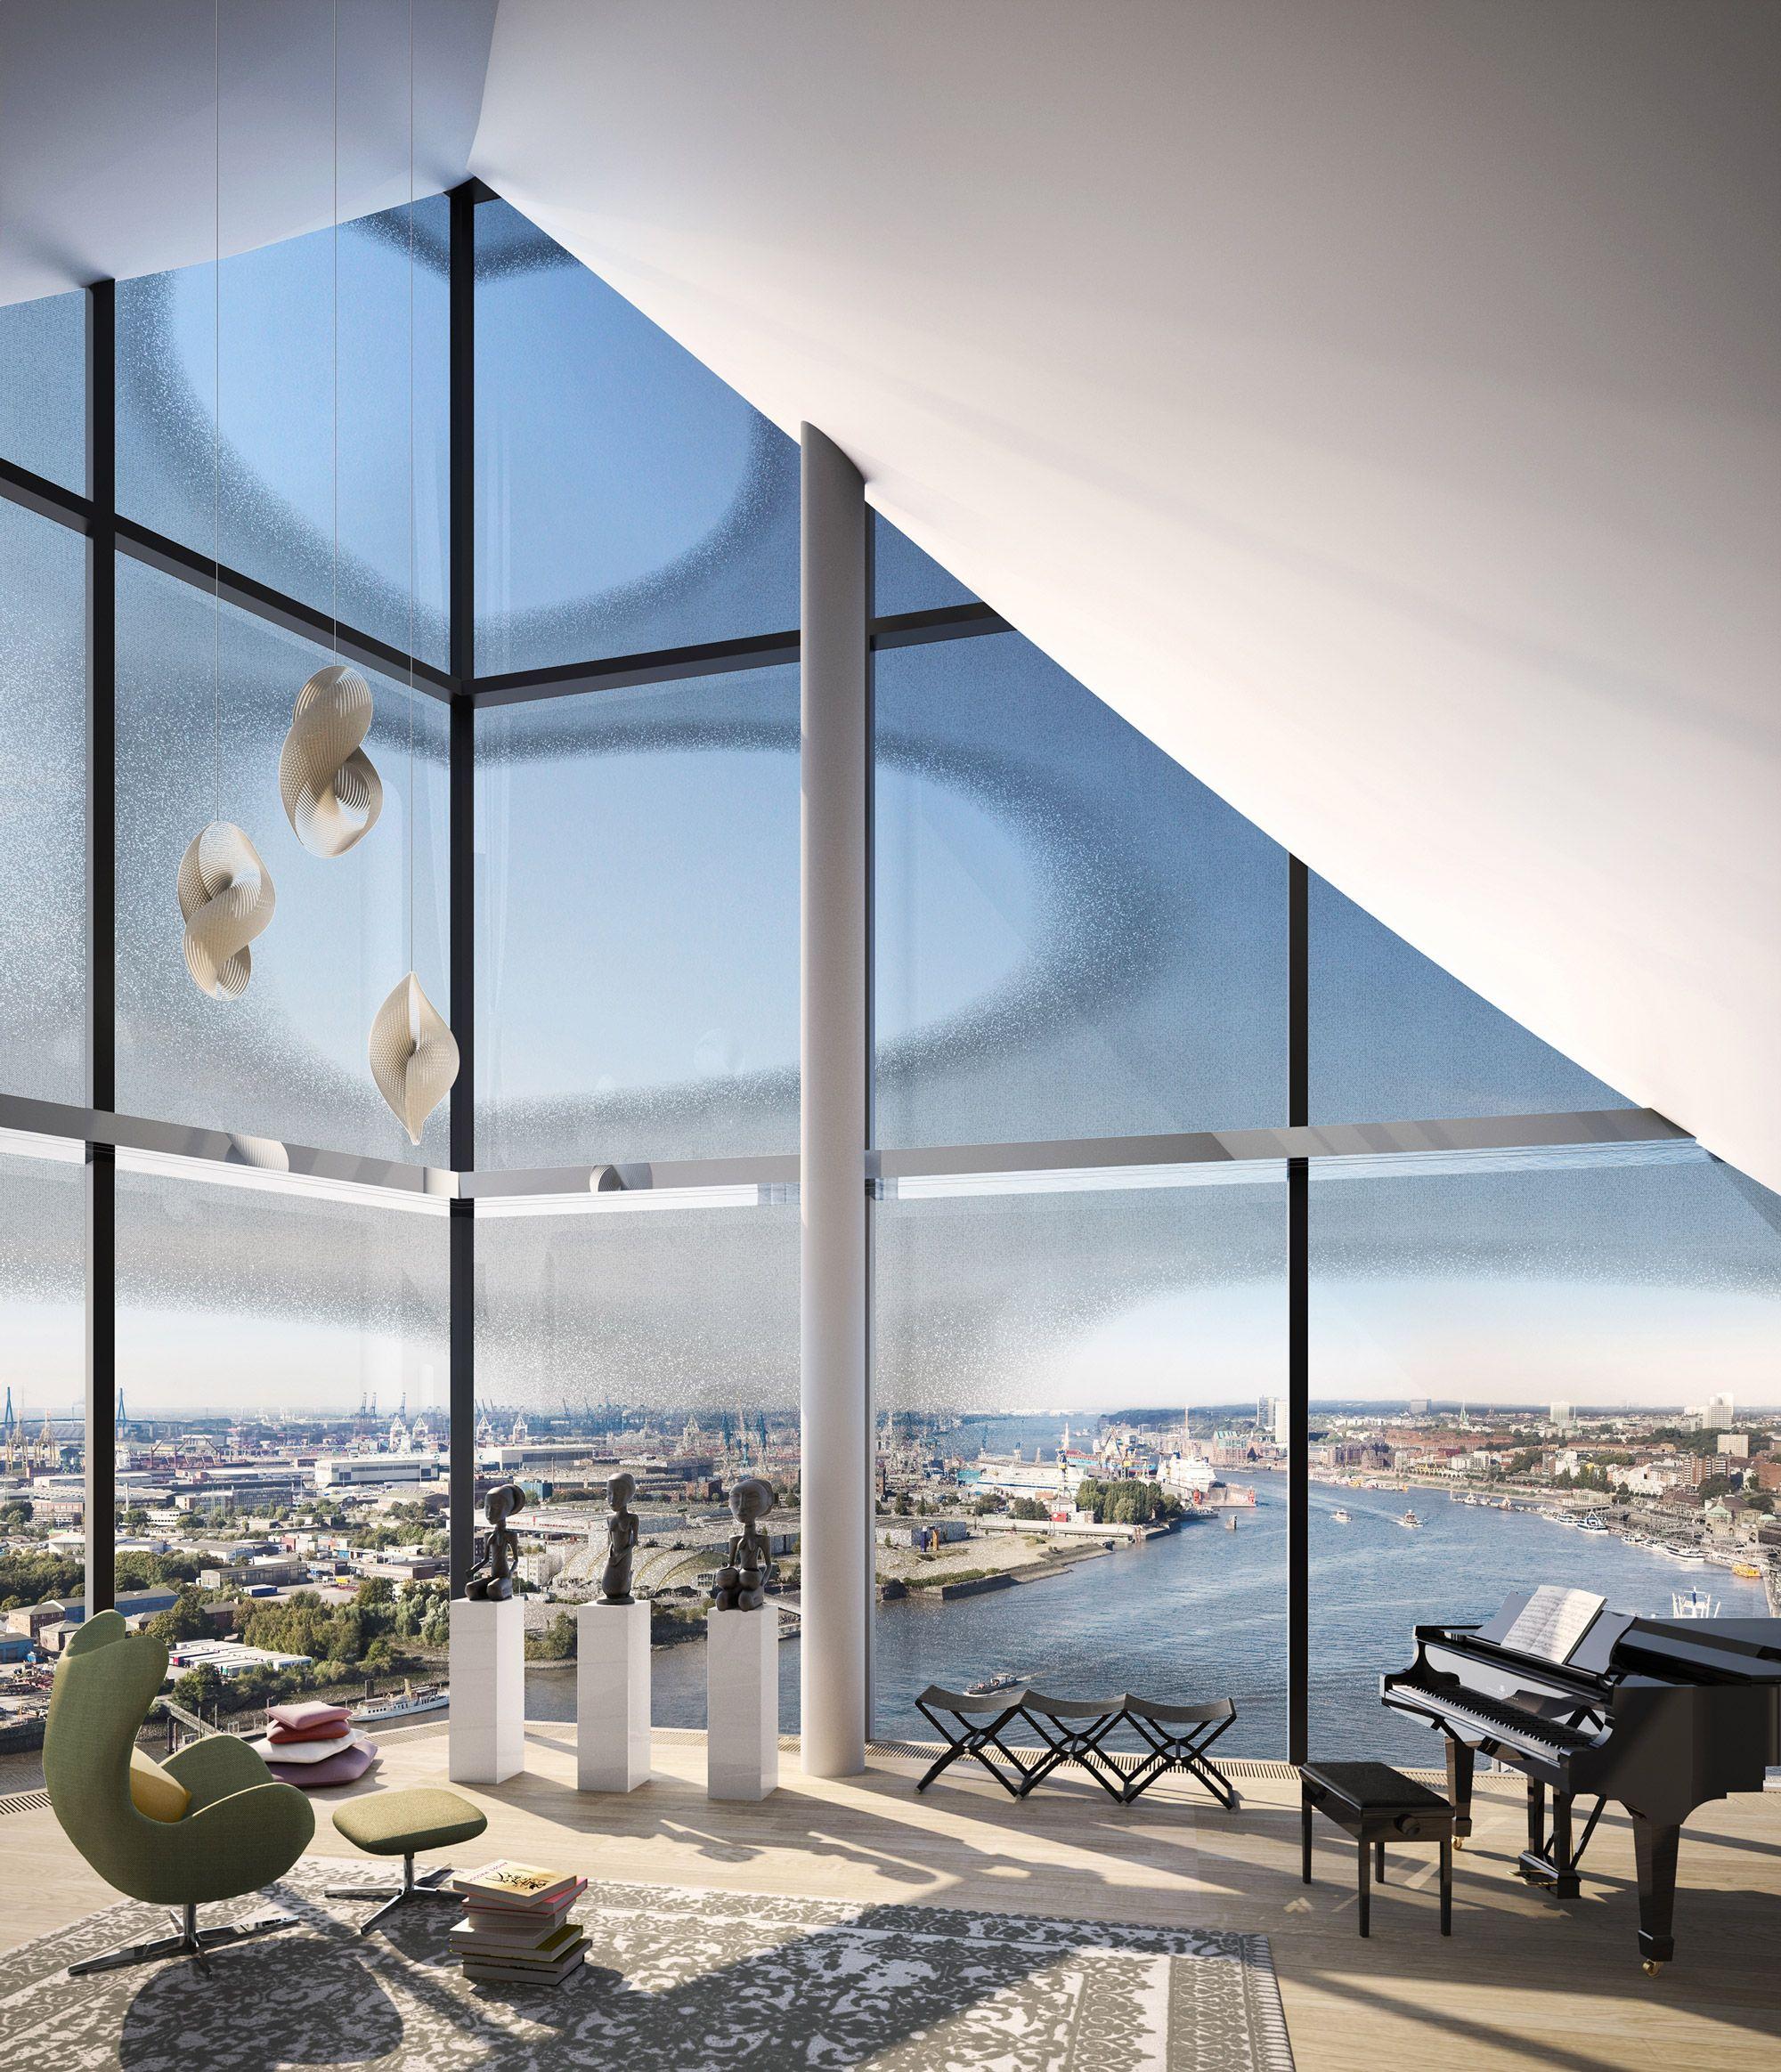 wohnungen in der elbphilharmonie kaufen interior design inspiration pinterest engelchen. Black Bedroom Furniture Sets. Home Design Ideas